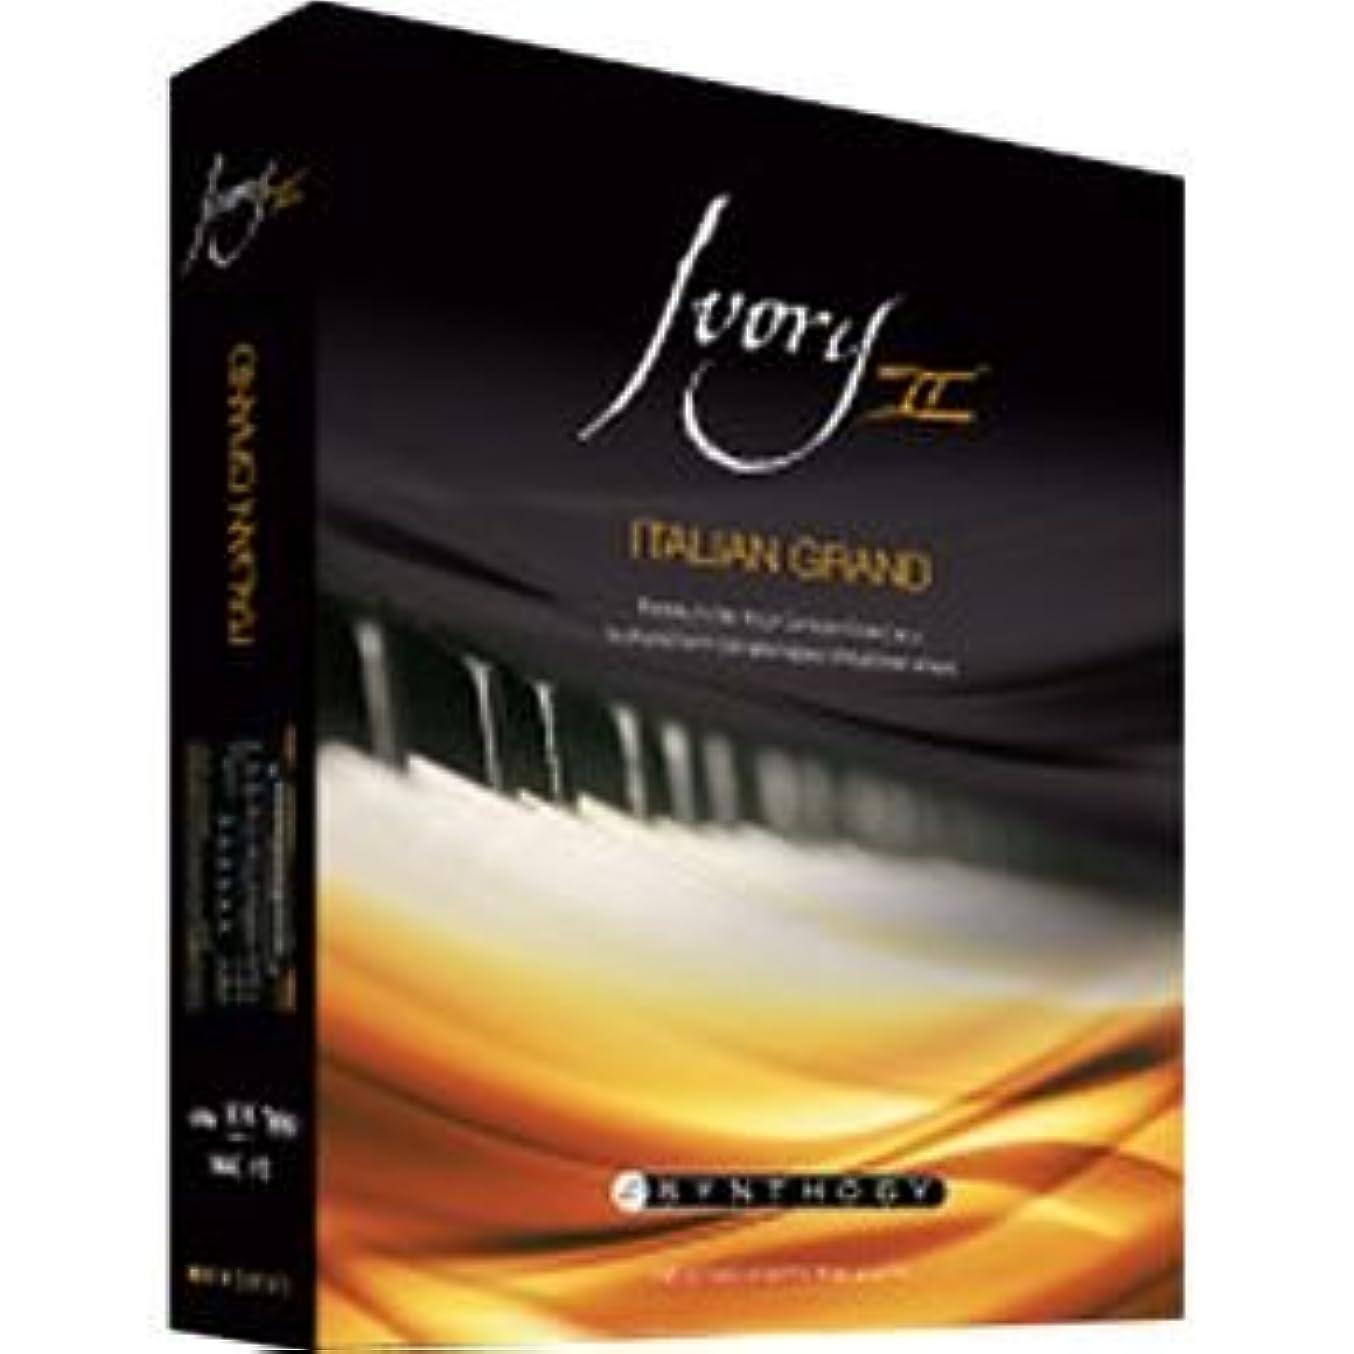 土一人で問い合わせるSYNTHOGY Ivory II Italian Grand ソフトウエア ピアノ音源 【並行輸入品】